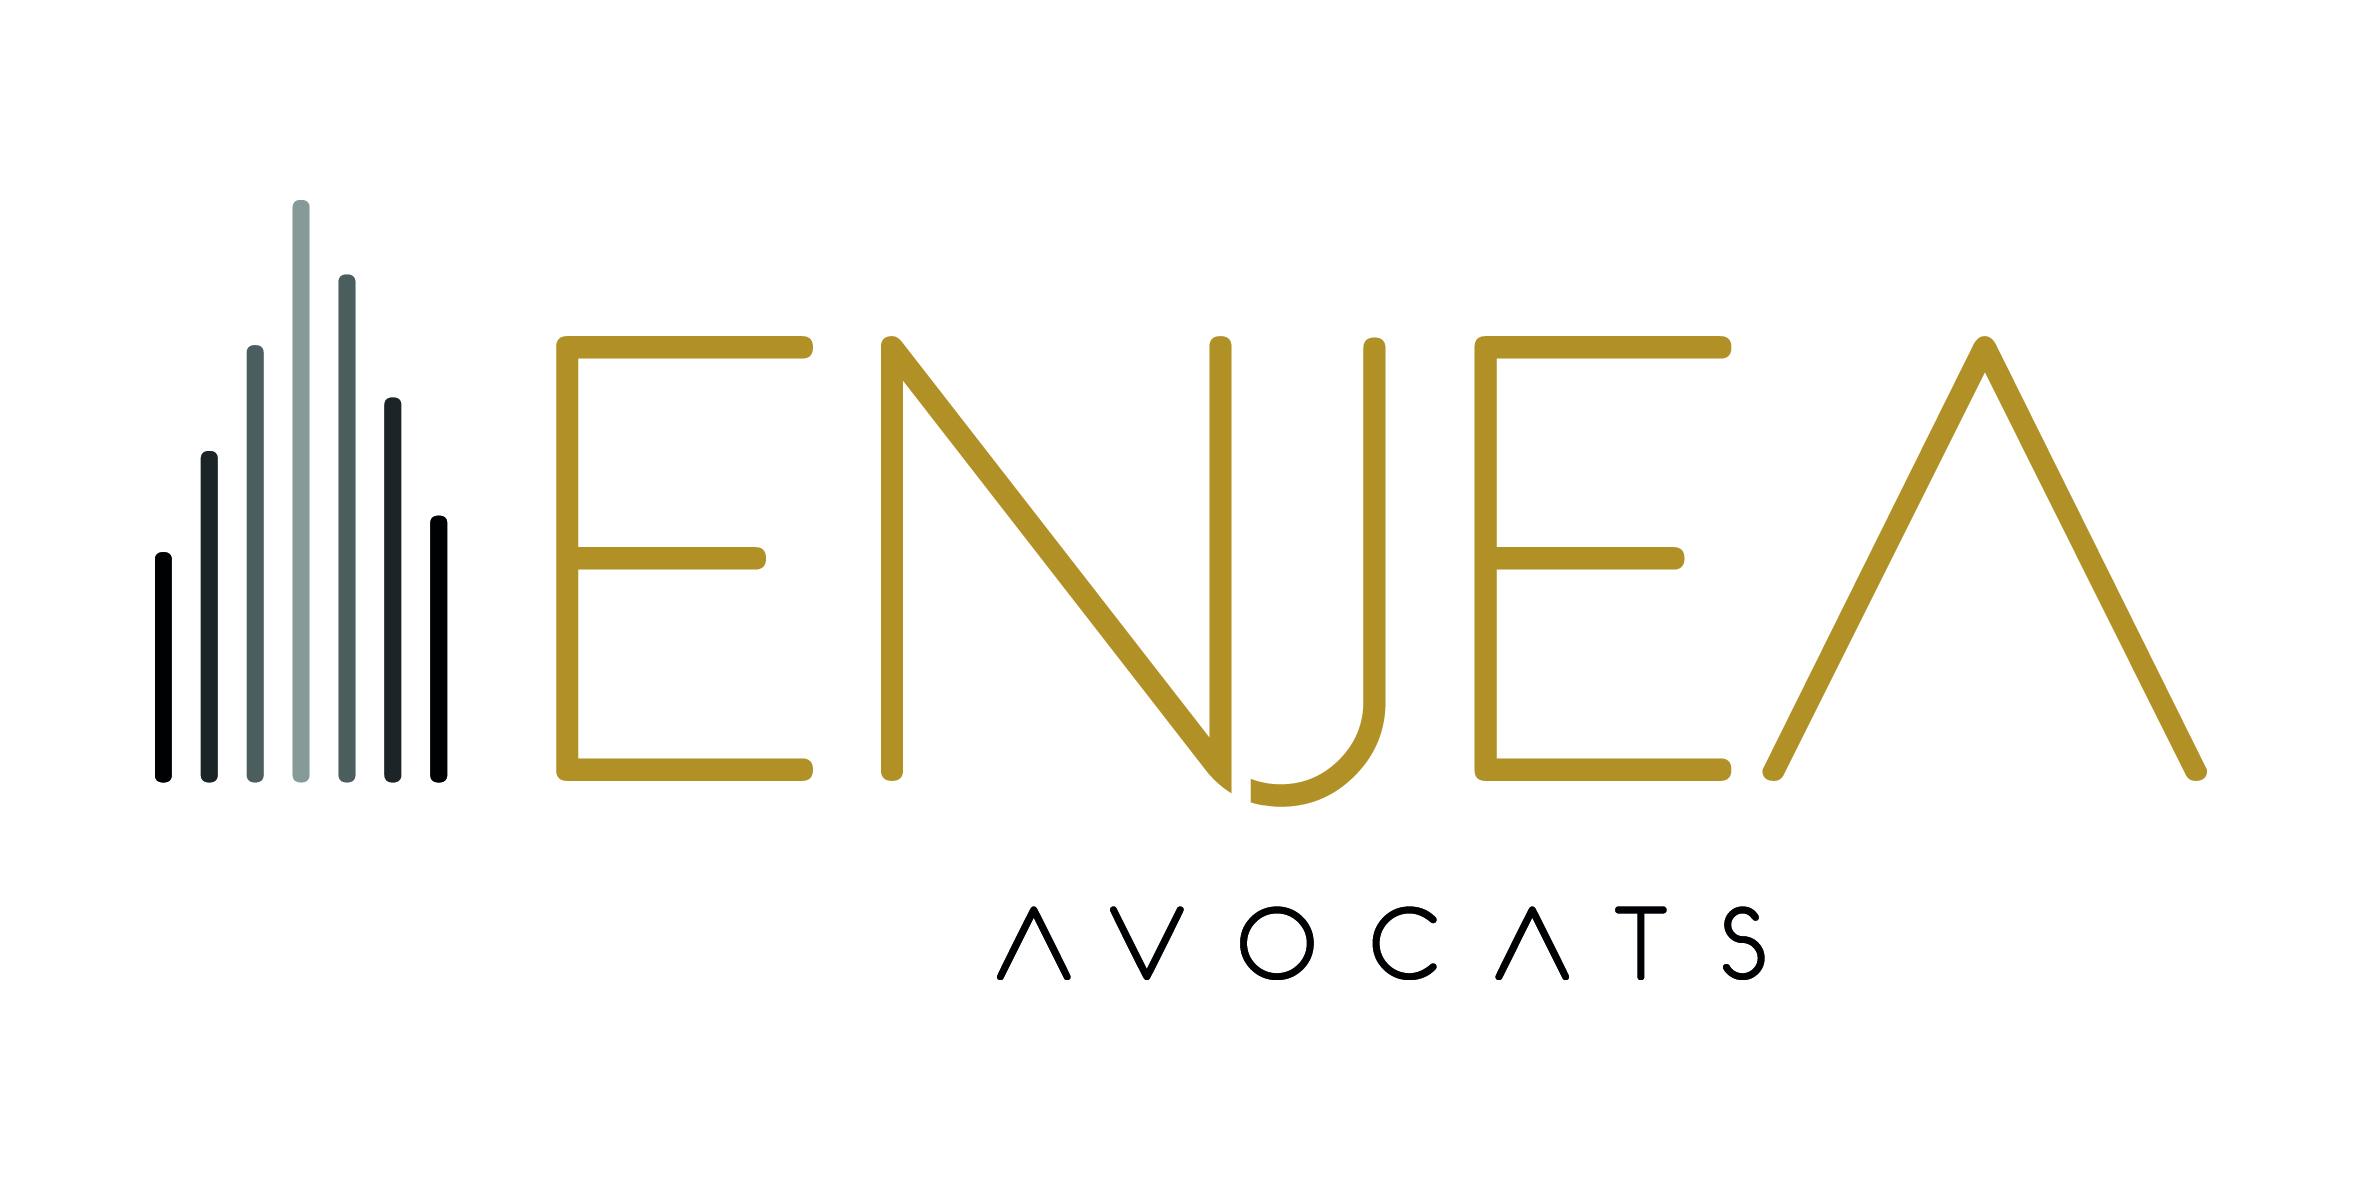 the Enjea Avocats logo.